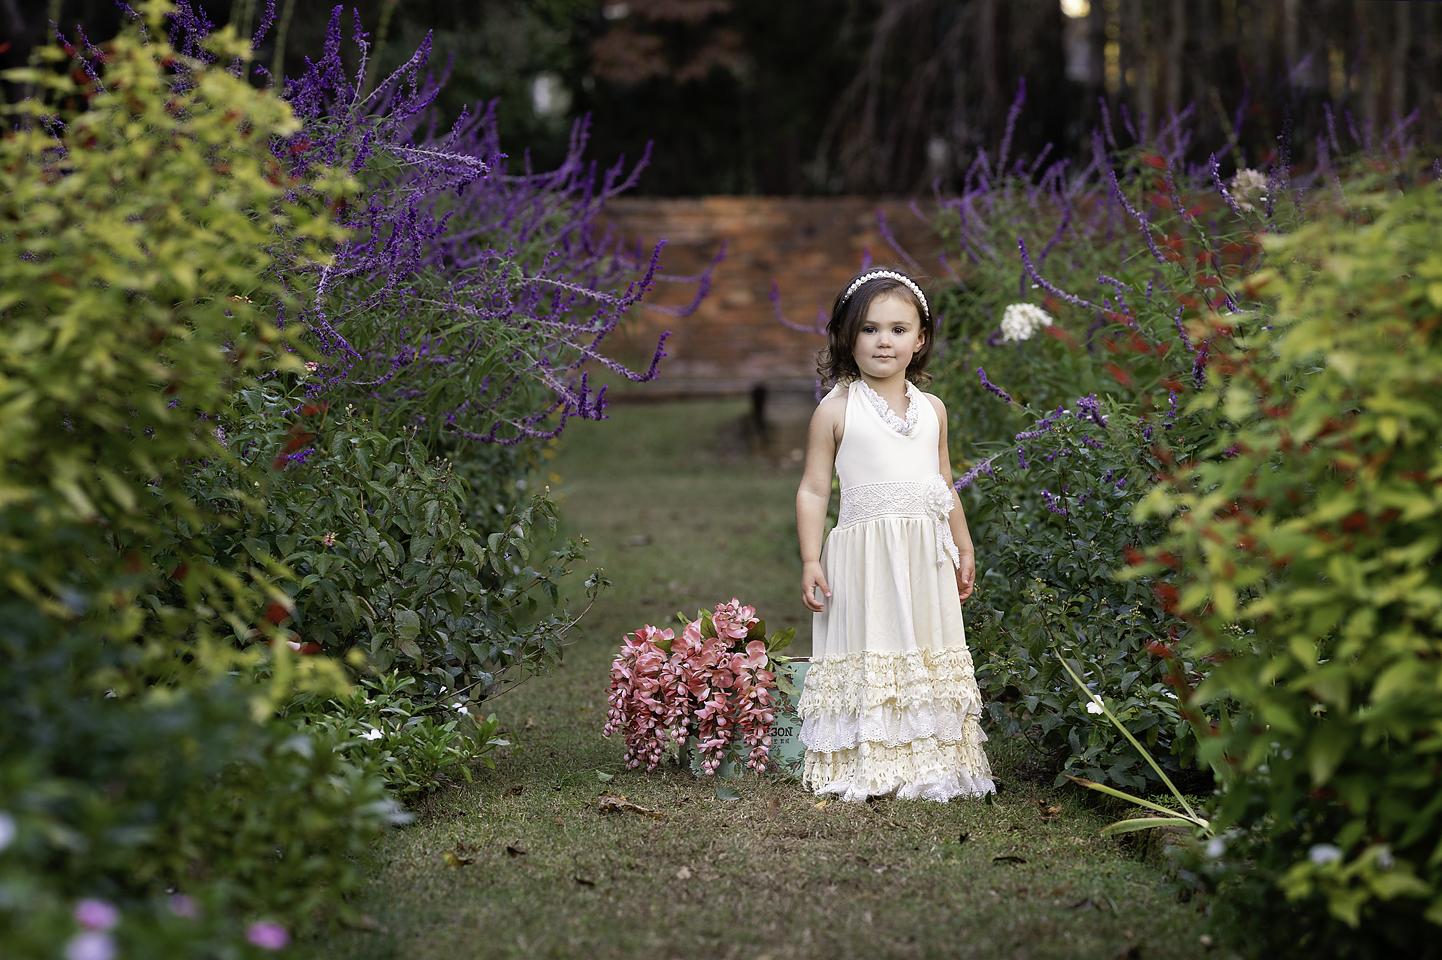 portrait of girl flower garden